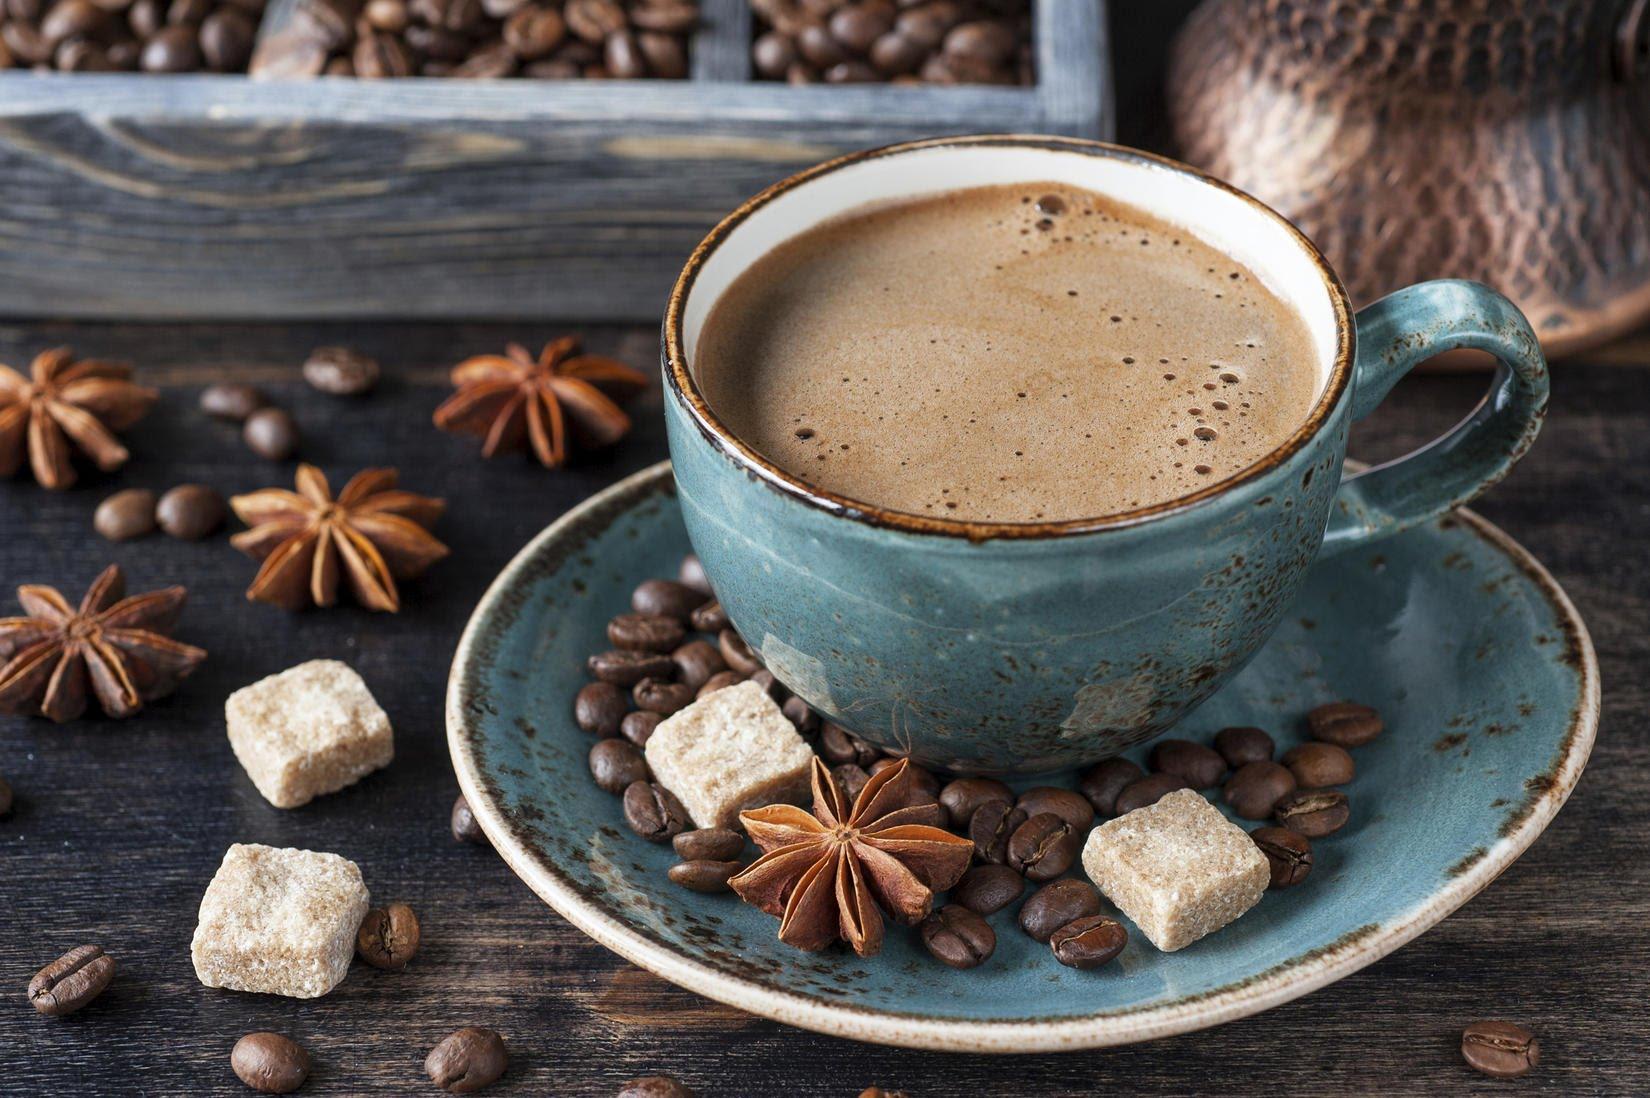 Смс картинки с чашкой кофе